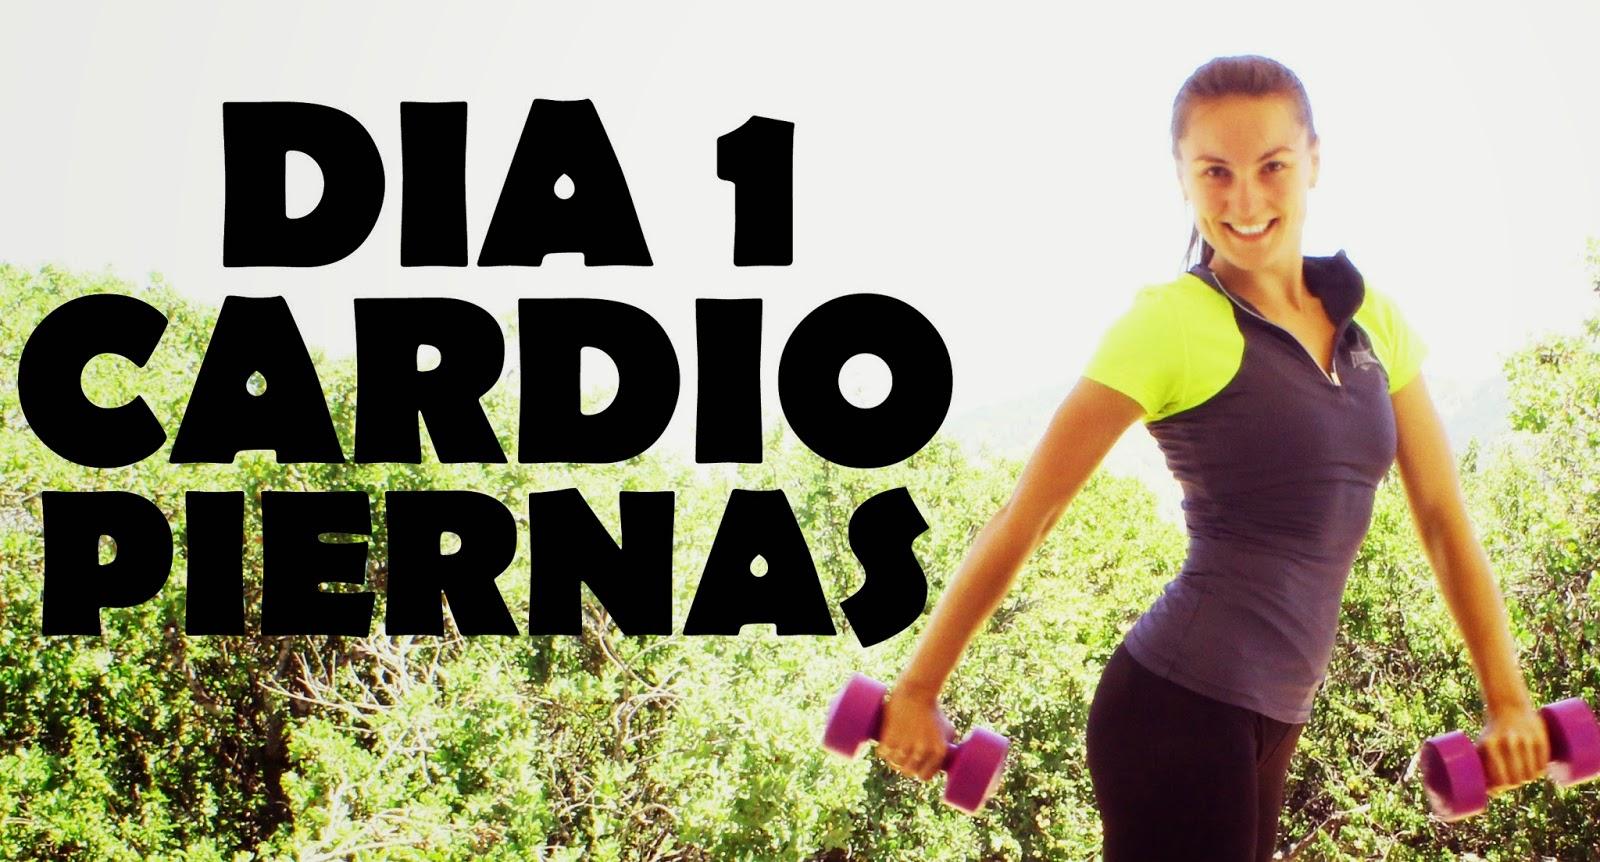 PROGRAMA 30 DIAS - 30 rutinas de ejercicios divididas por los grupos  musculares. Incluye entrenamientos cardiovascular 56ebf794ce0c